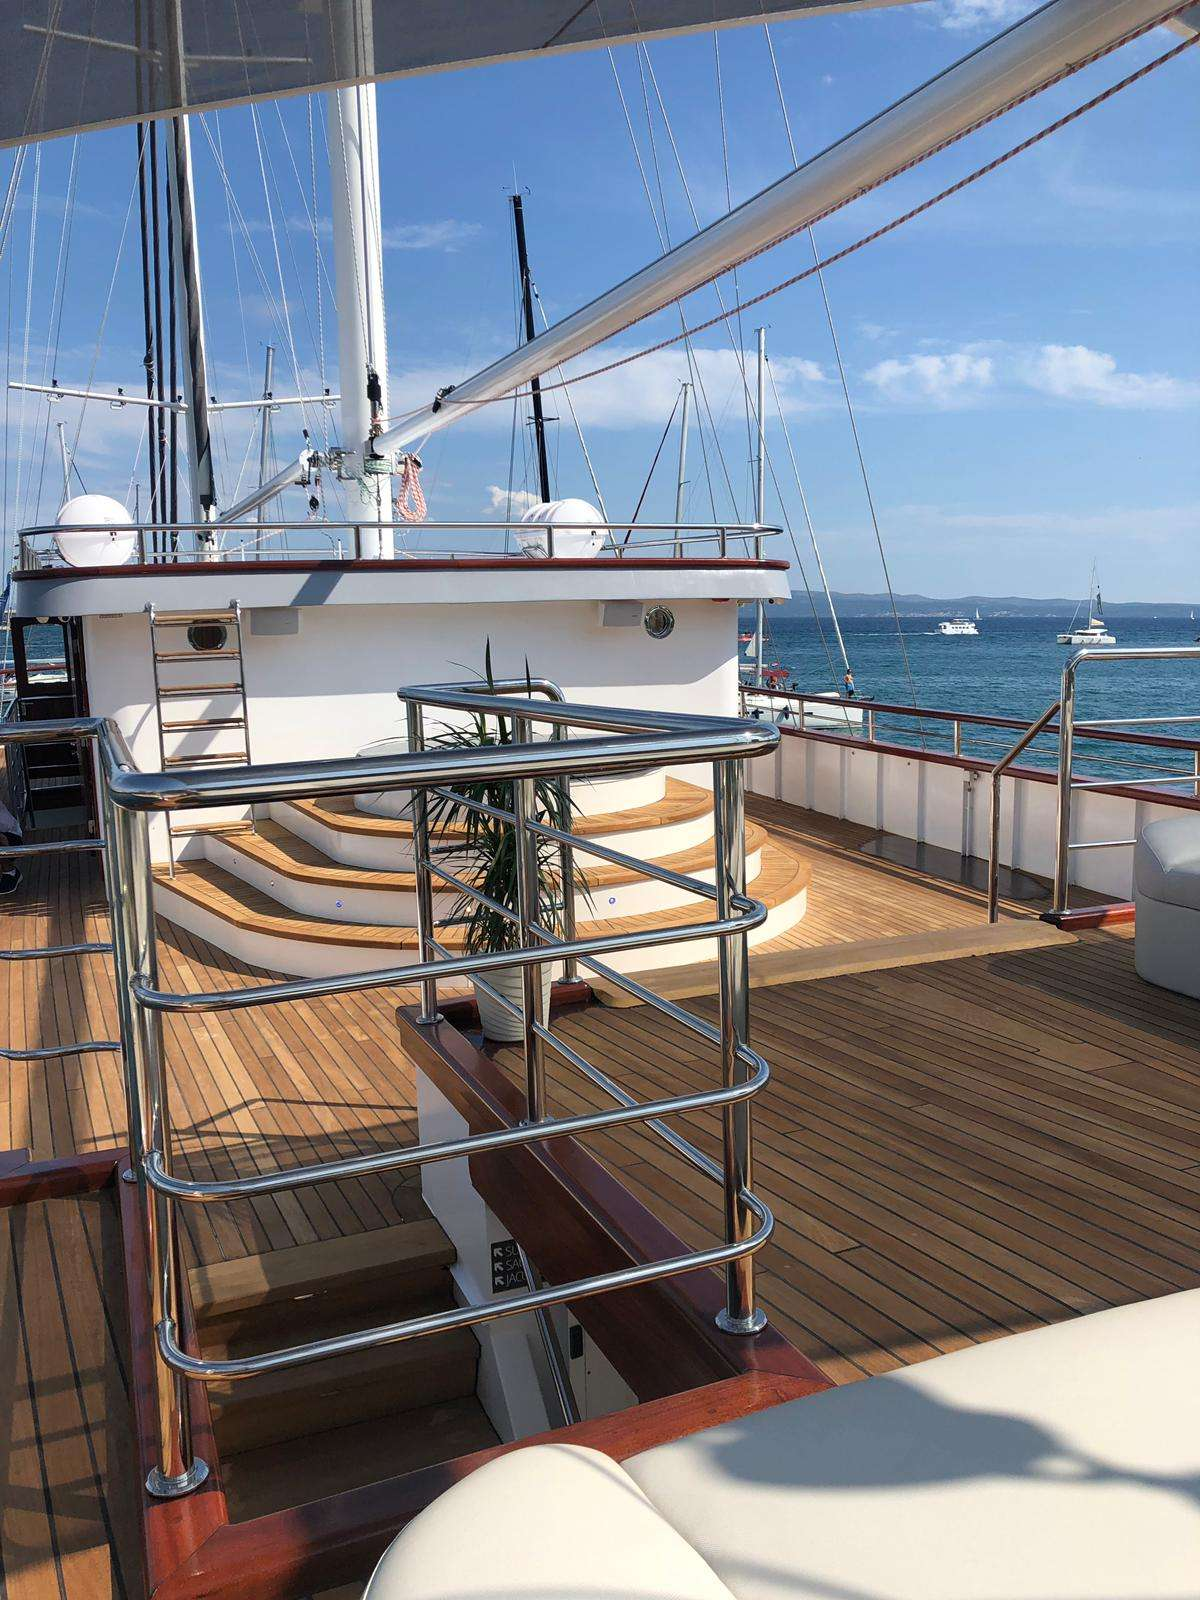 Sun deck; jacuzzi and sauna